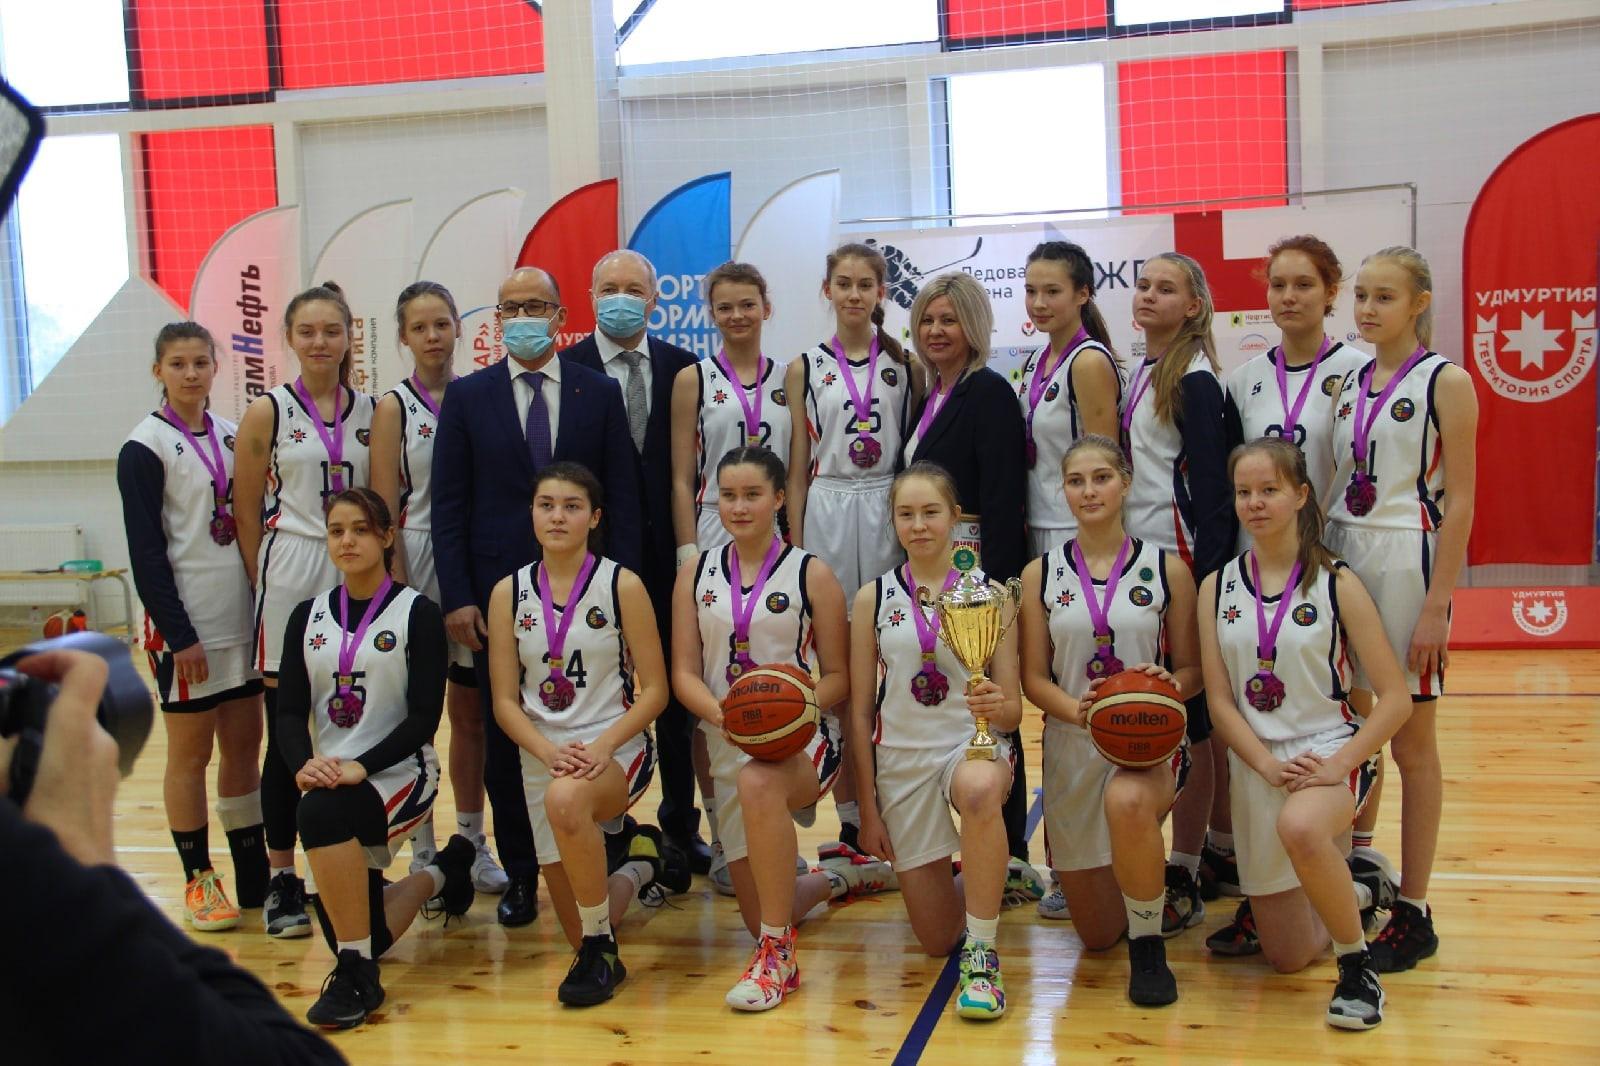 Можгинские баскетболисты едут на Первенство России!